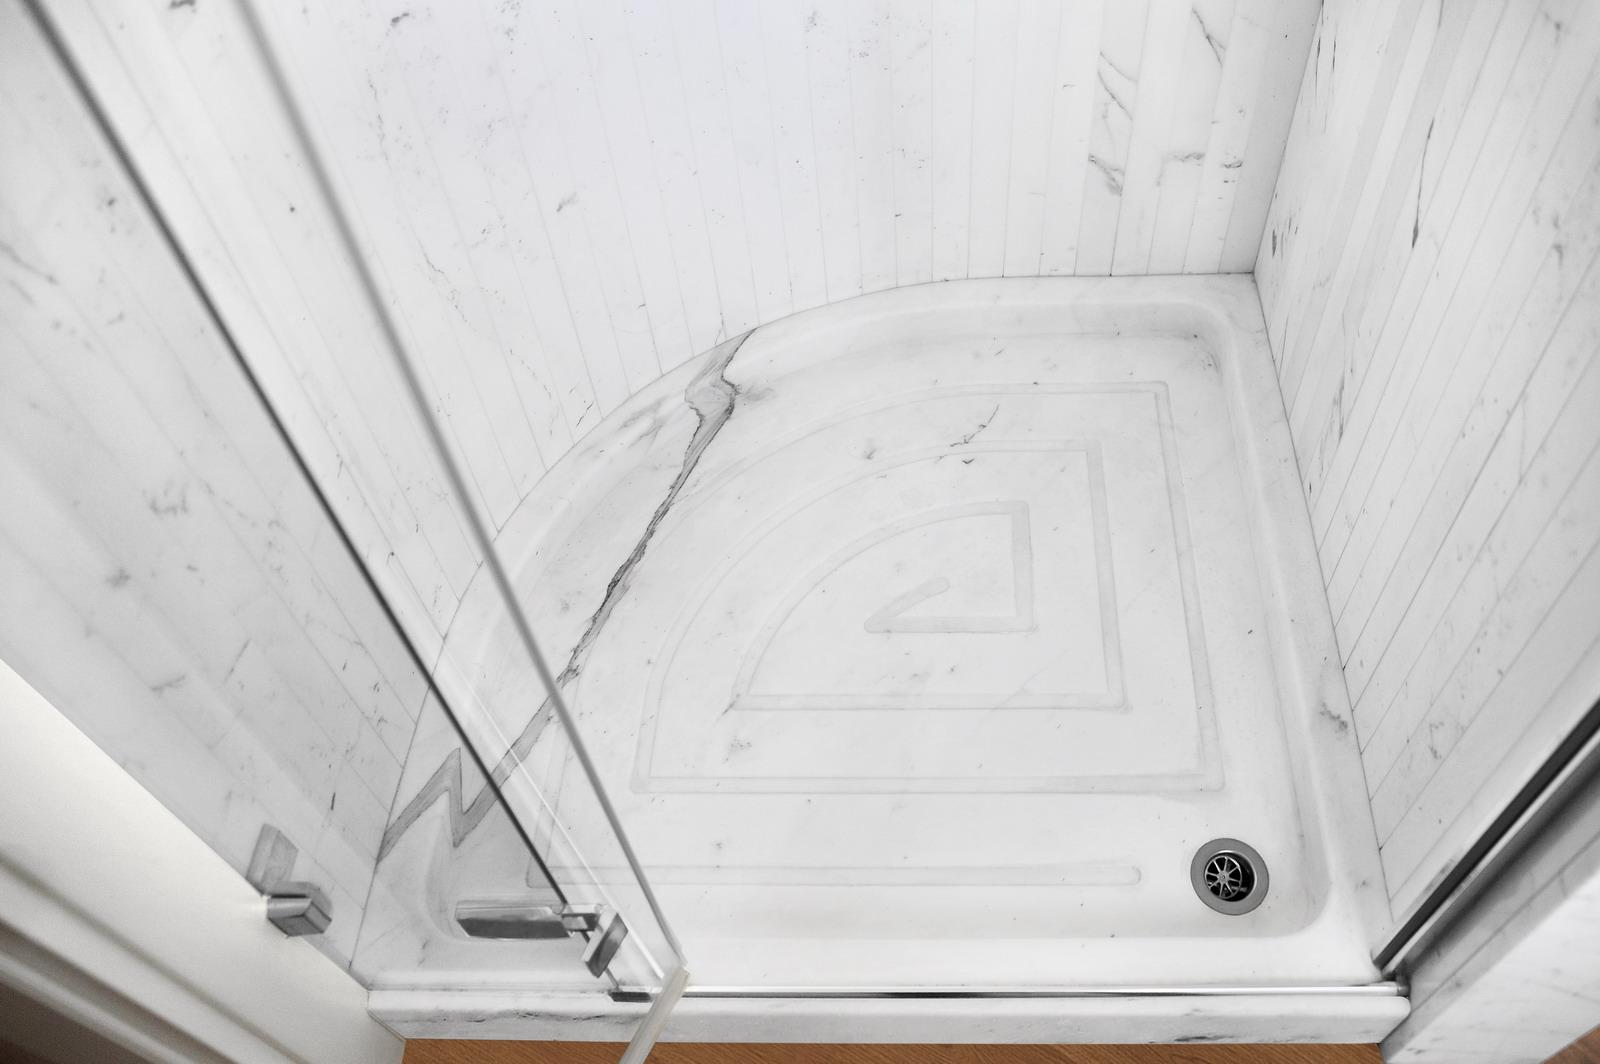 Medone Marmi Bagno Piatto Doccia in Marmo Bianco Carrara - 6